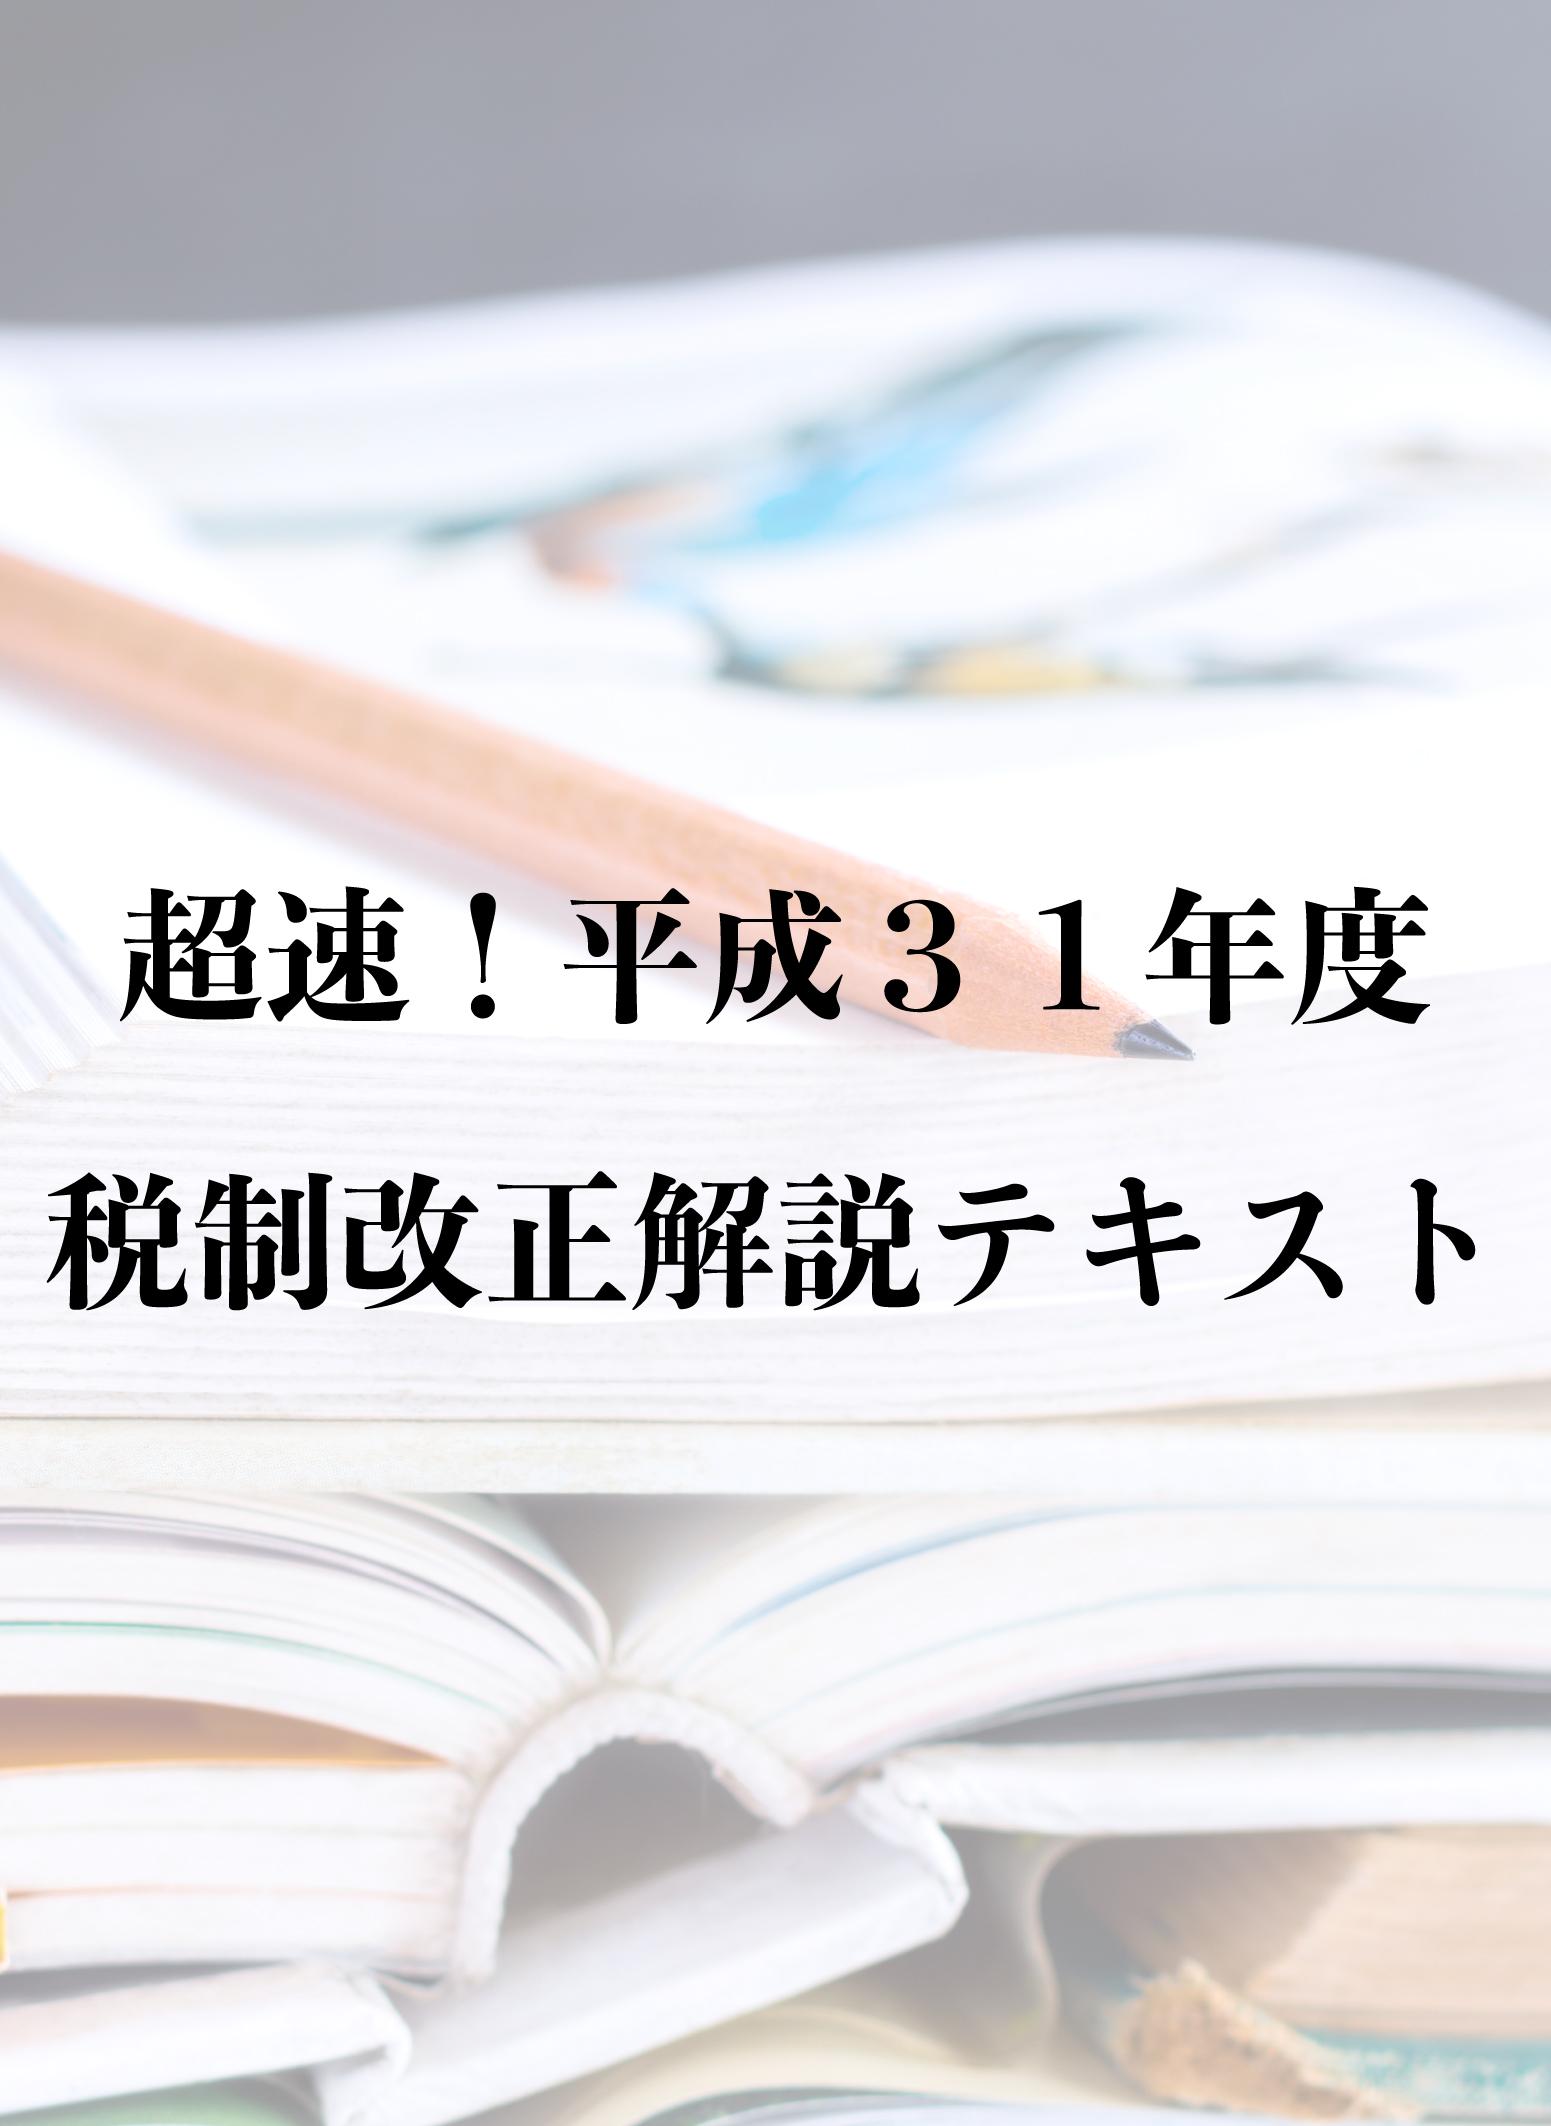 超速!平成31年度税制改正解説テキスト